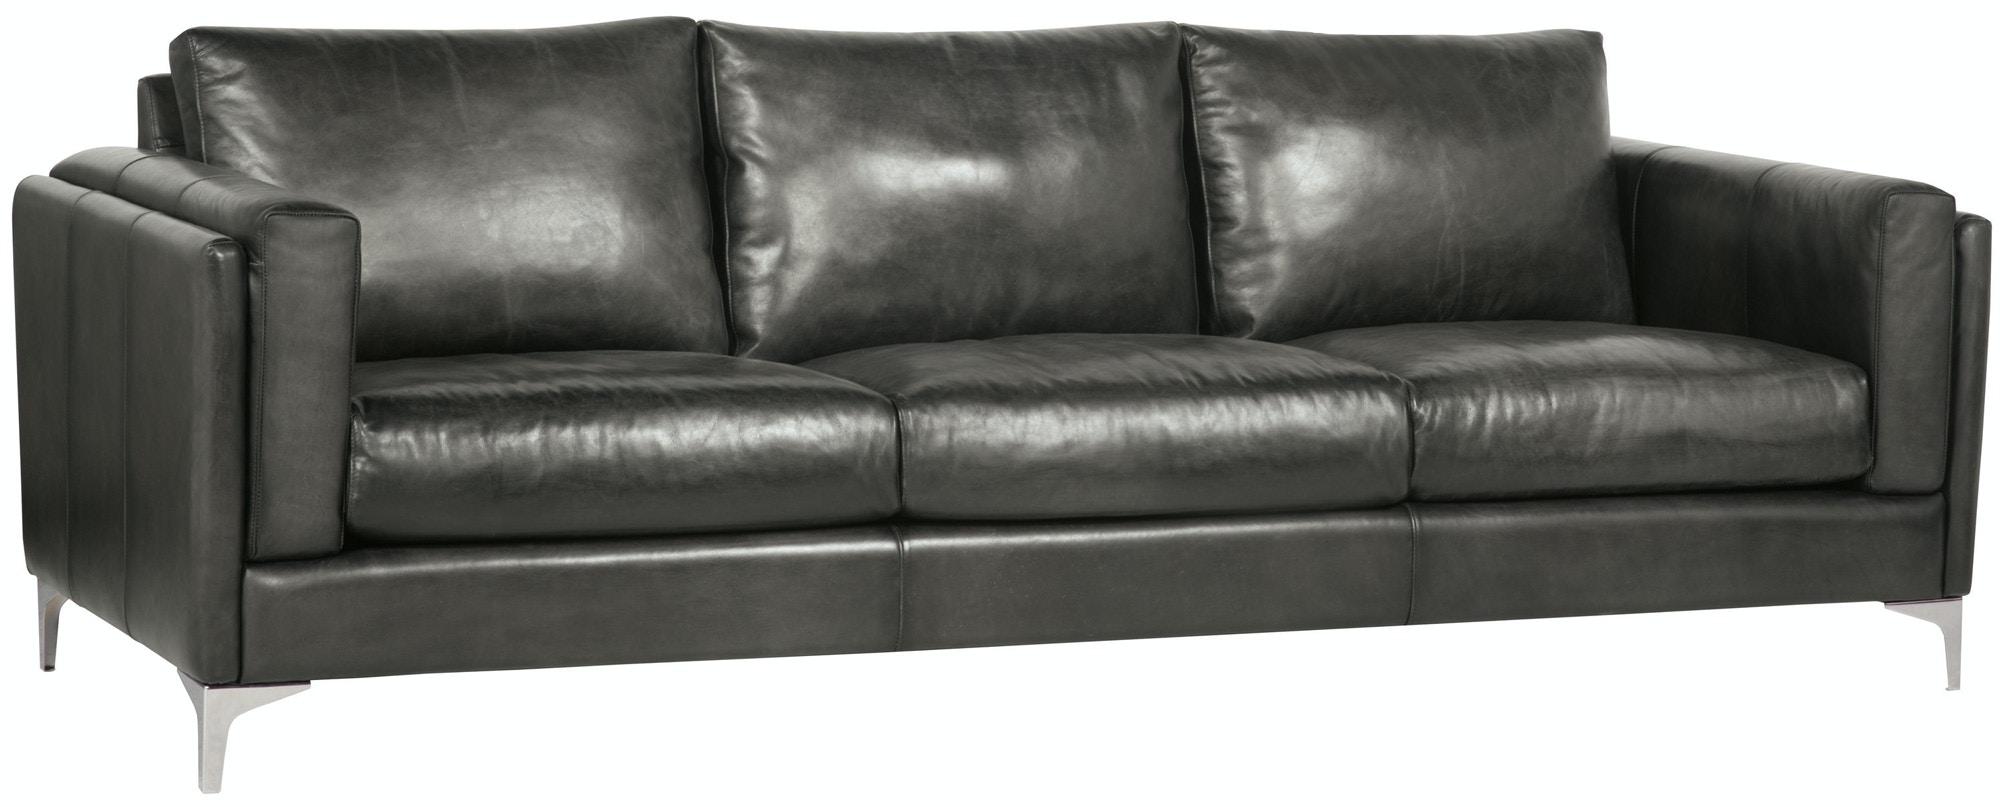 2967l malcolm sofa